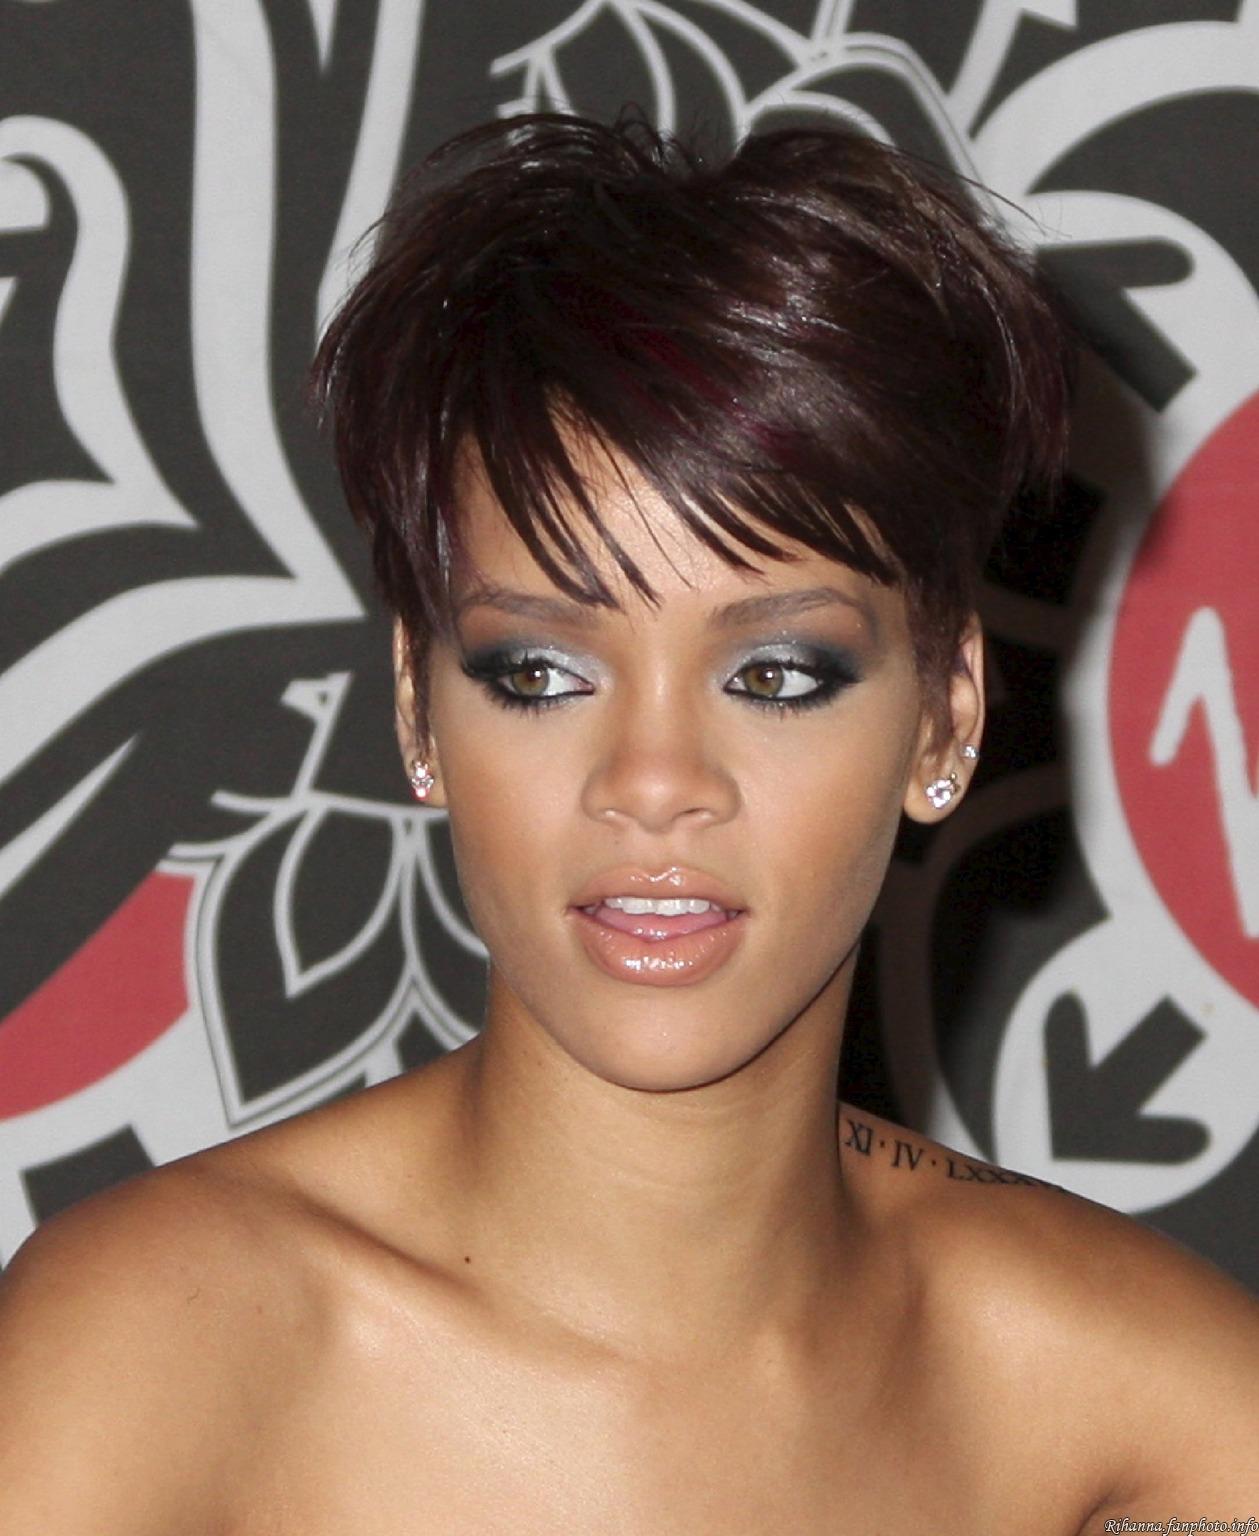 Todos Los Peinados De Rihanna - El cabello de Rihanna Todos los cambios de estilo a lo largo de su